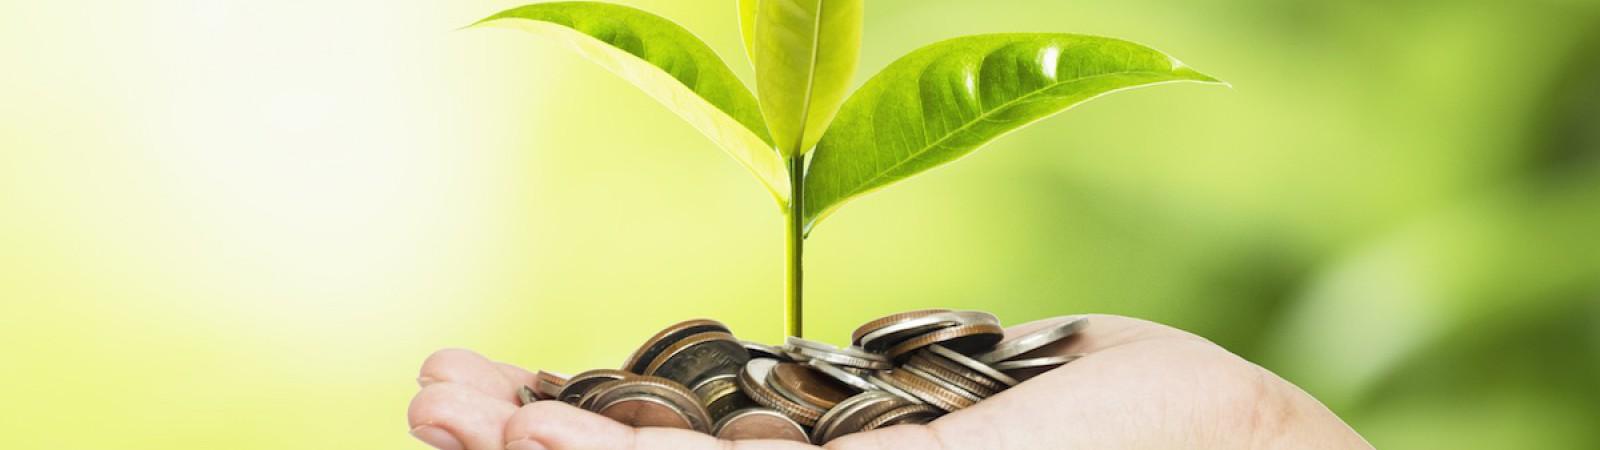 Corso Online Certificato Imparare a Risparmiare